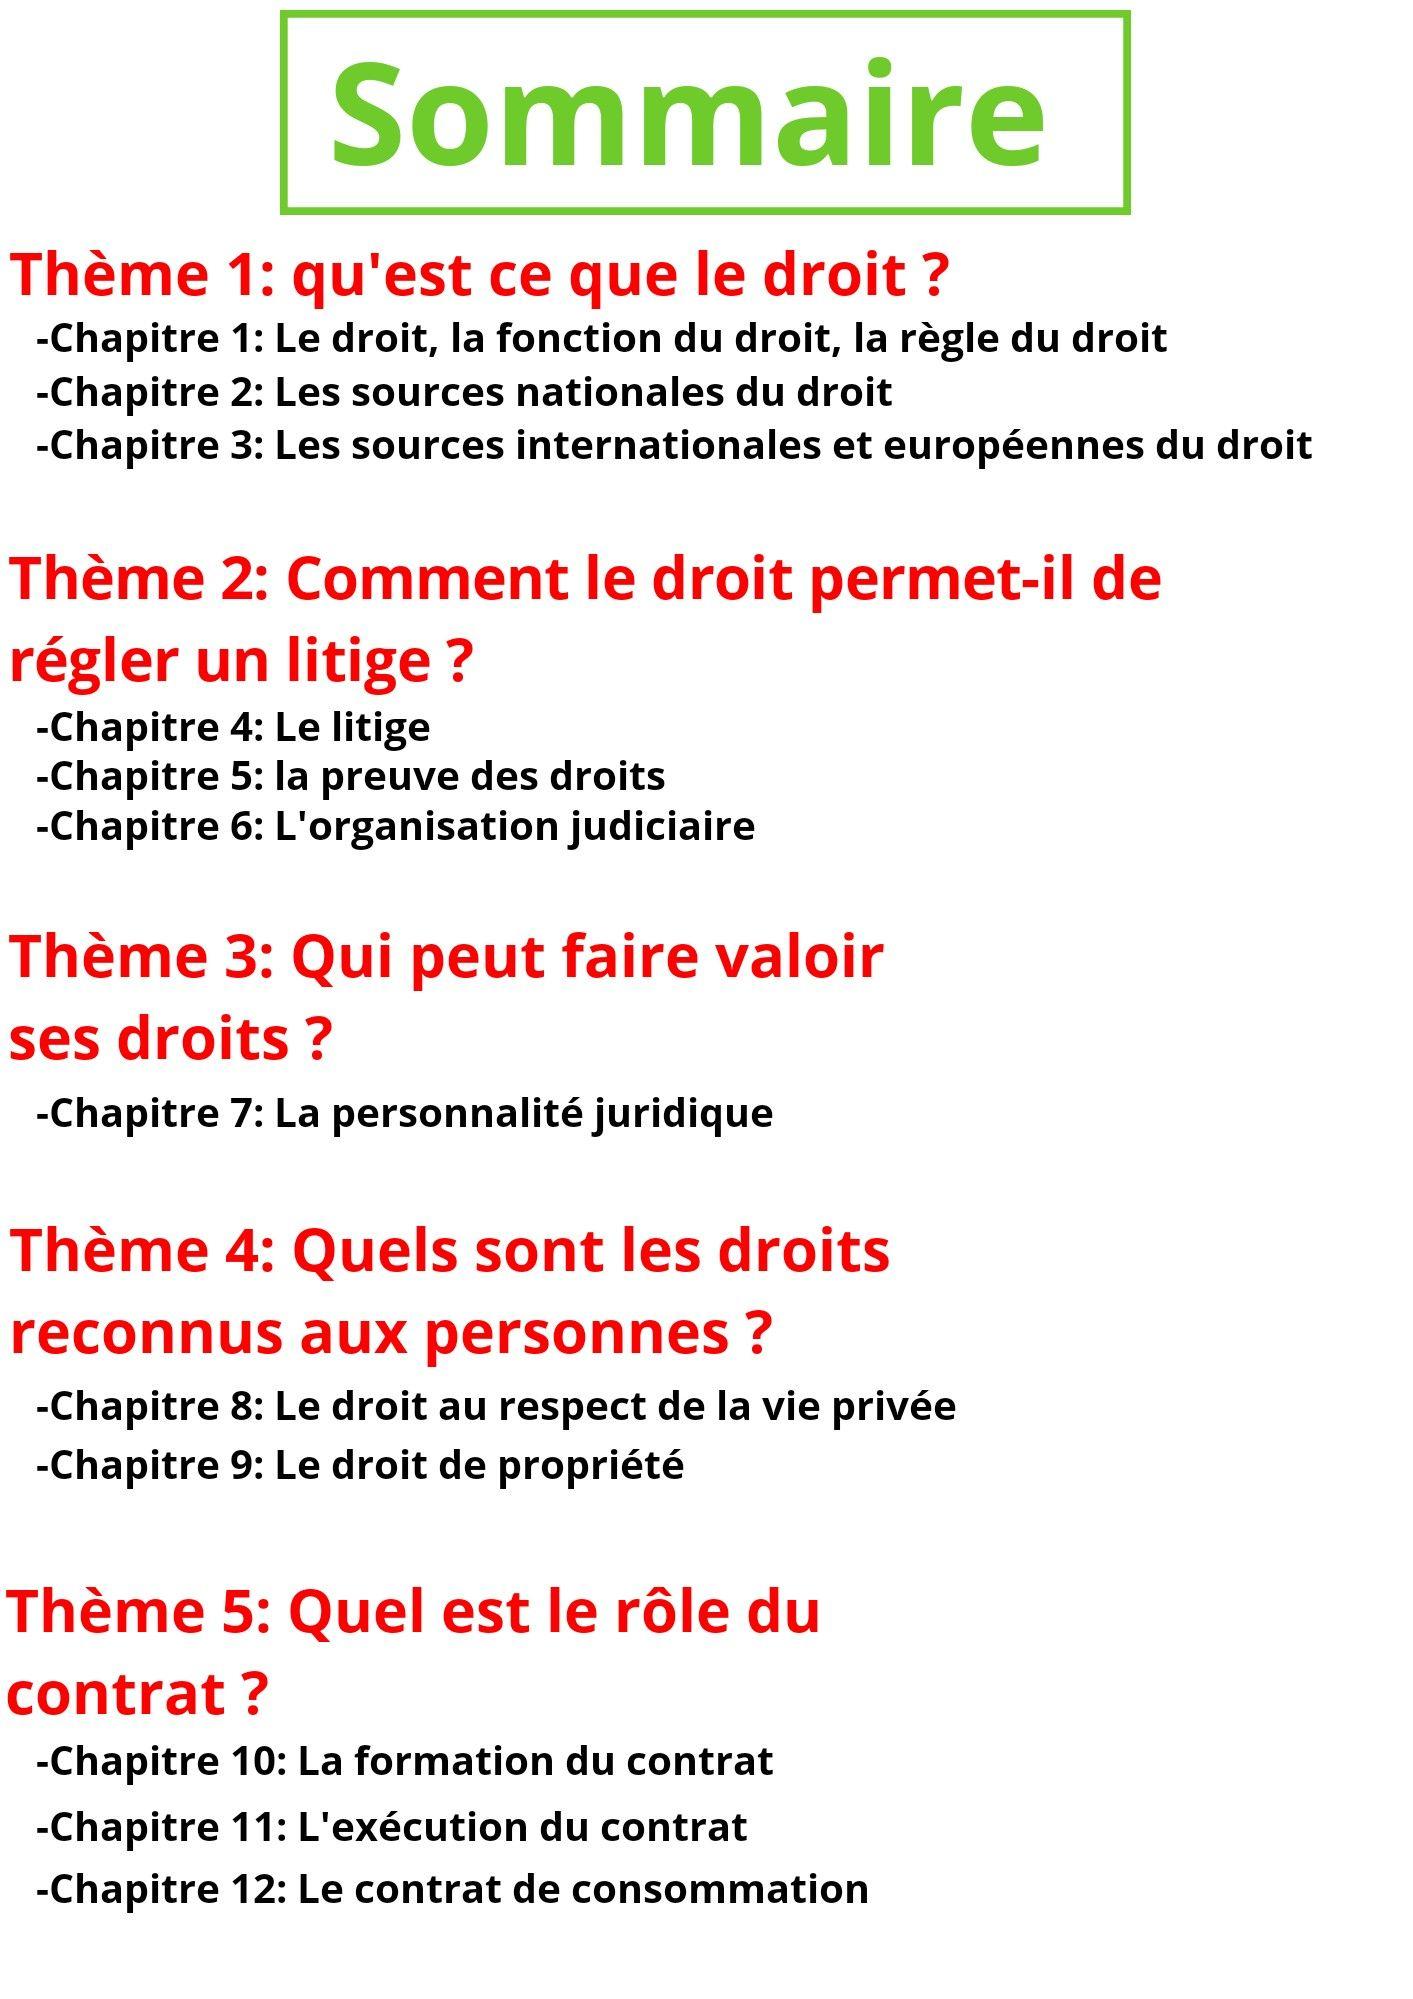 Sommaire Cours De Droit Cours Droit Fac De Droit